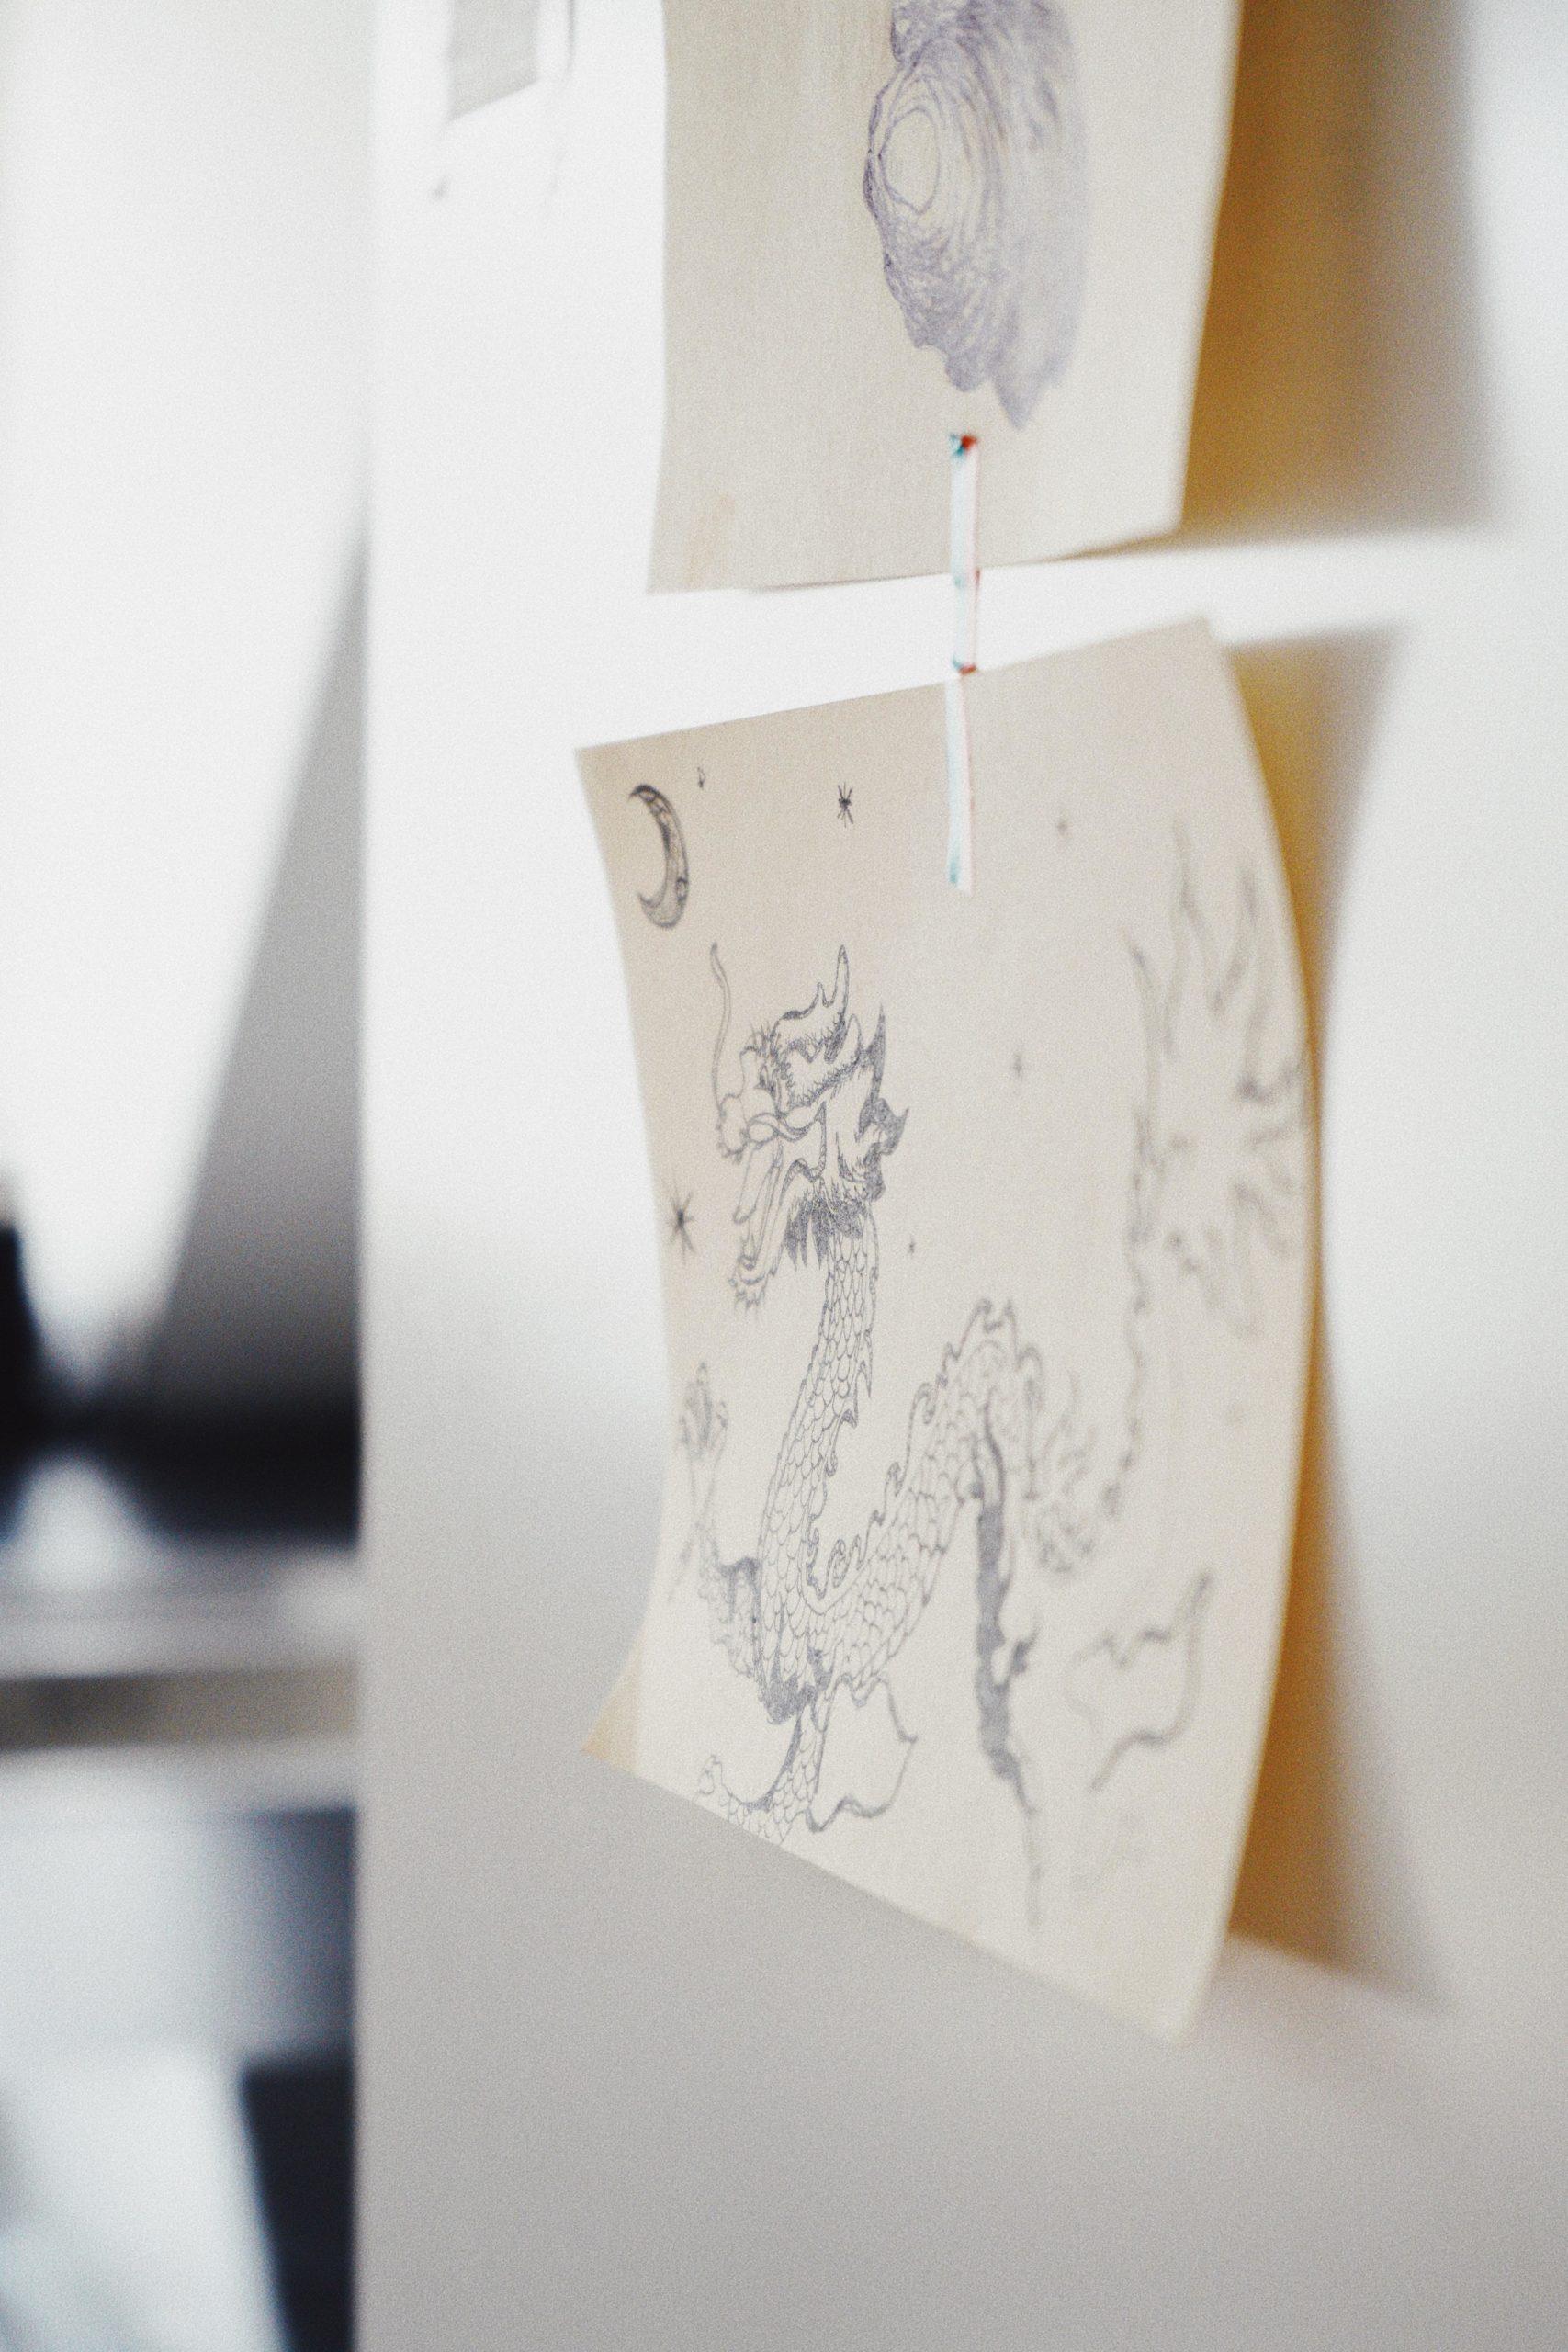 Blatt mit Skizze von Drachen auf schrank geklebt